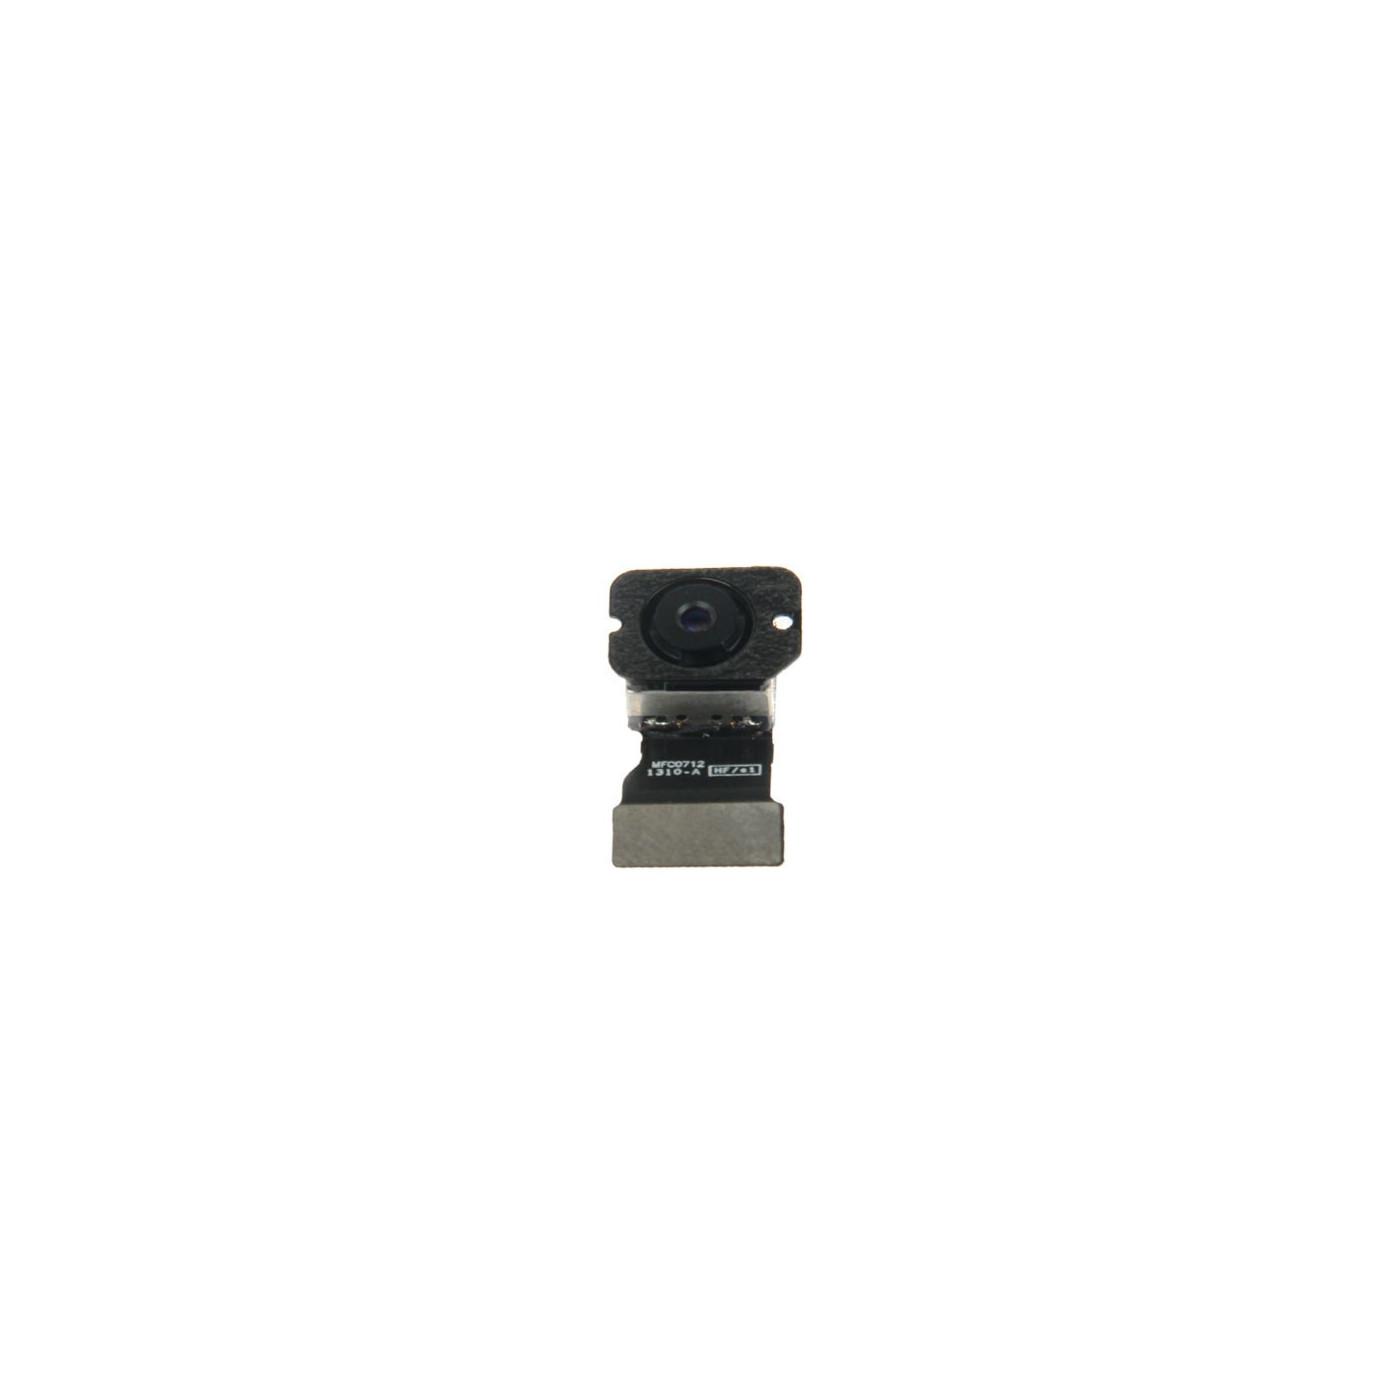 Rückfahrkamera für iPad 4 Flat Flex Retro-Kamera